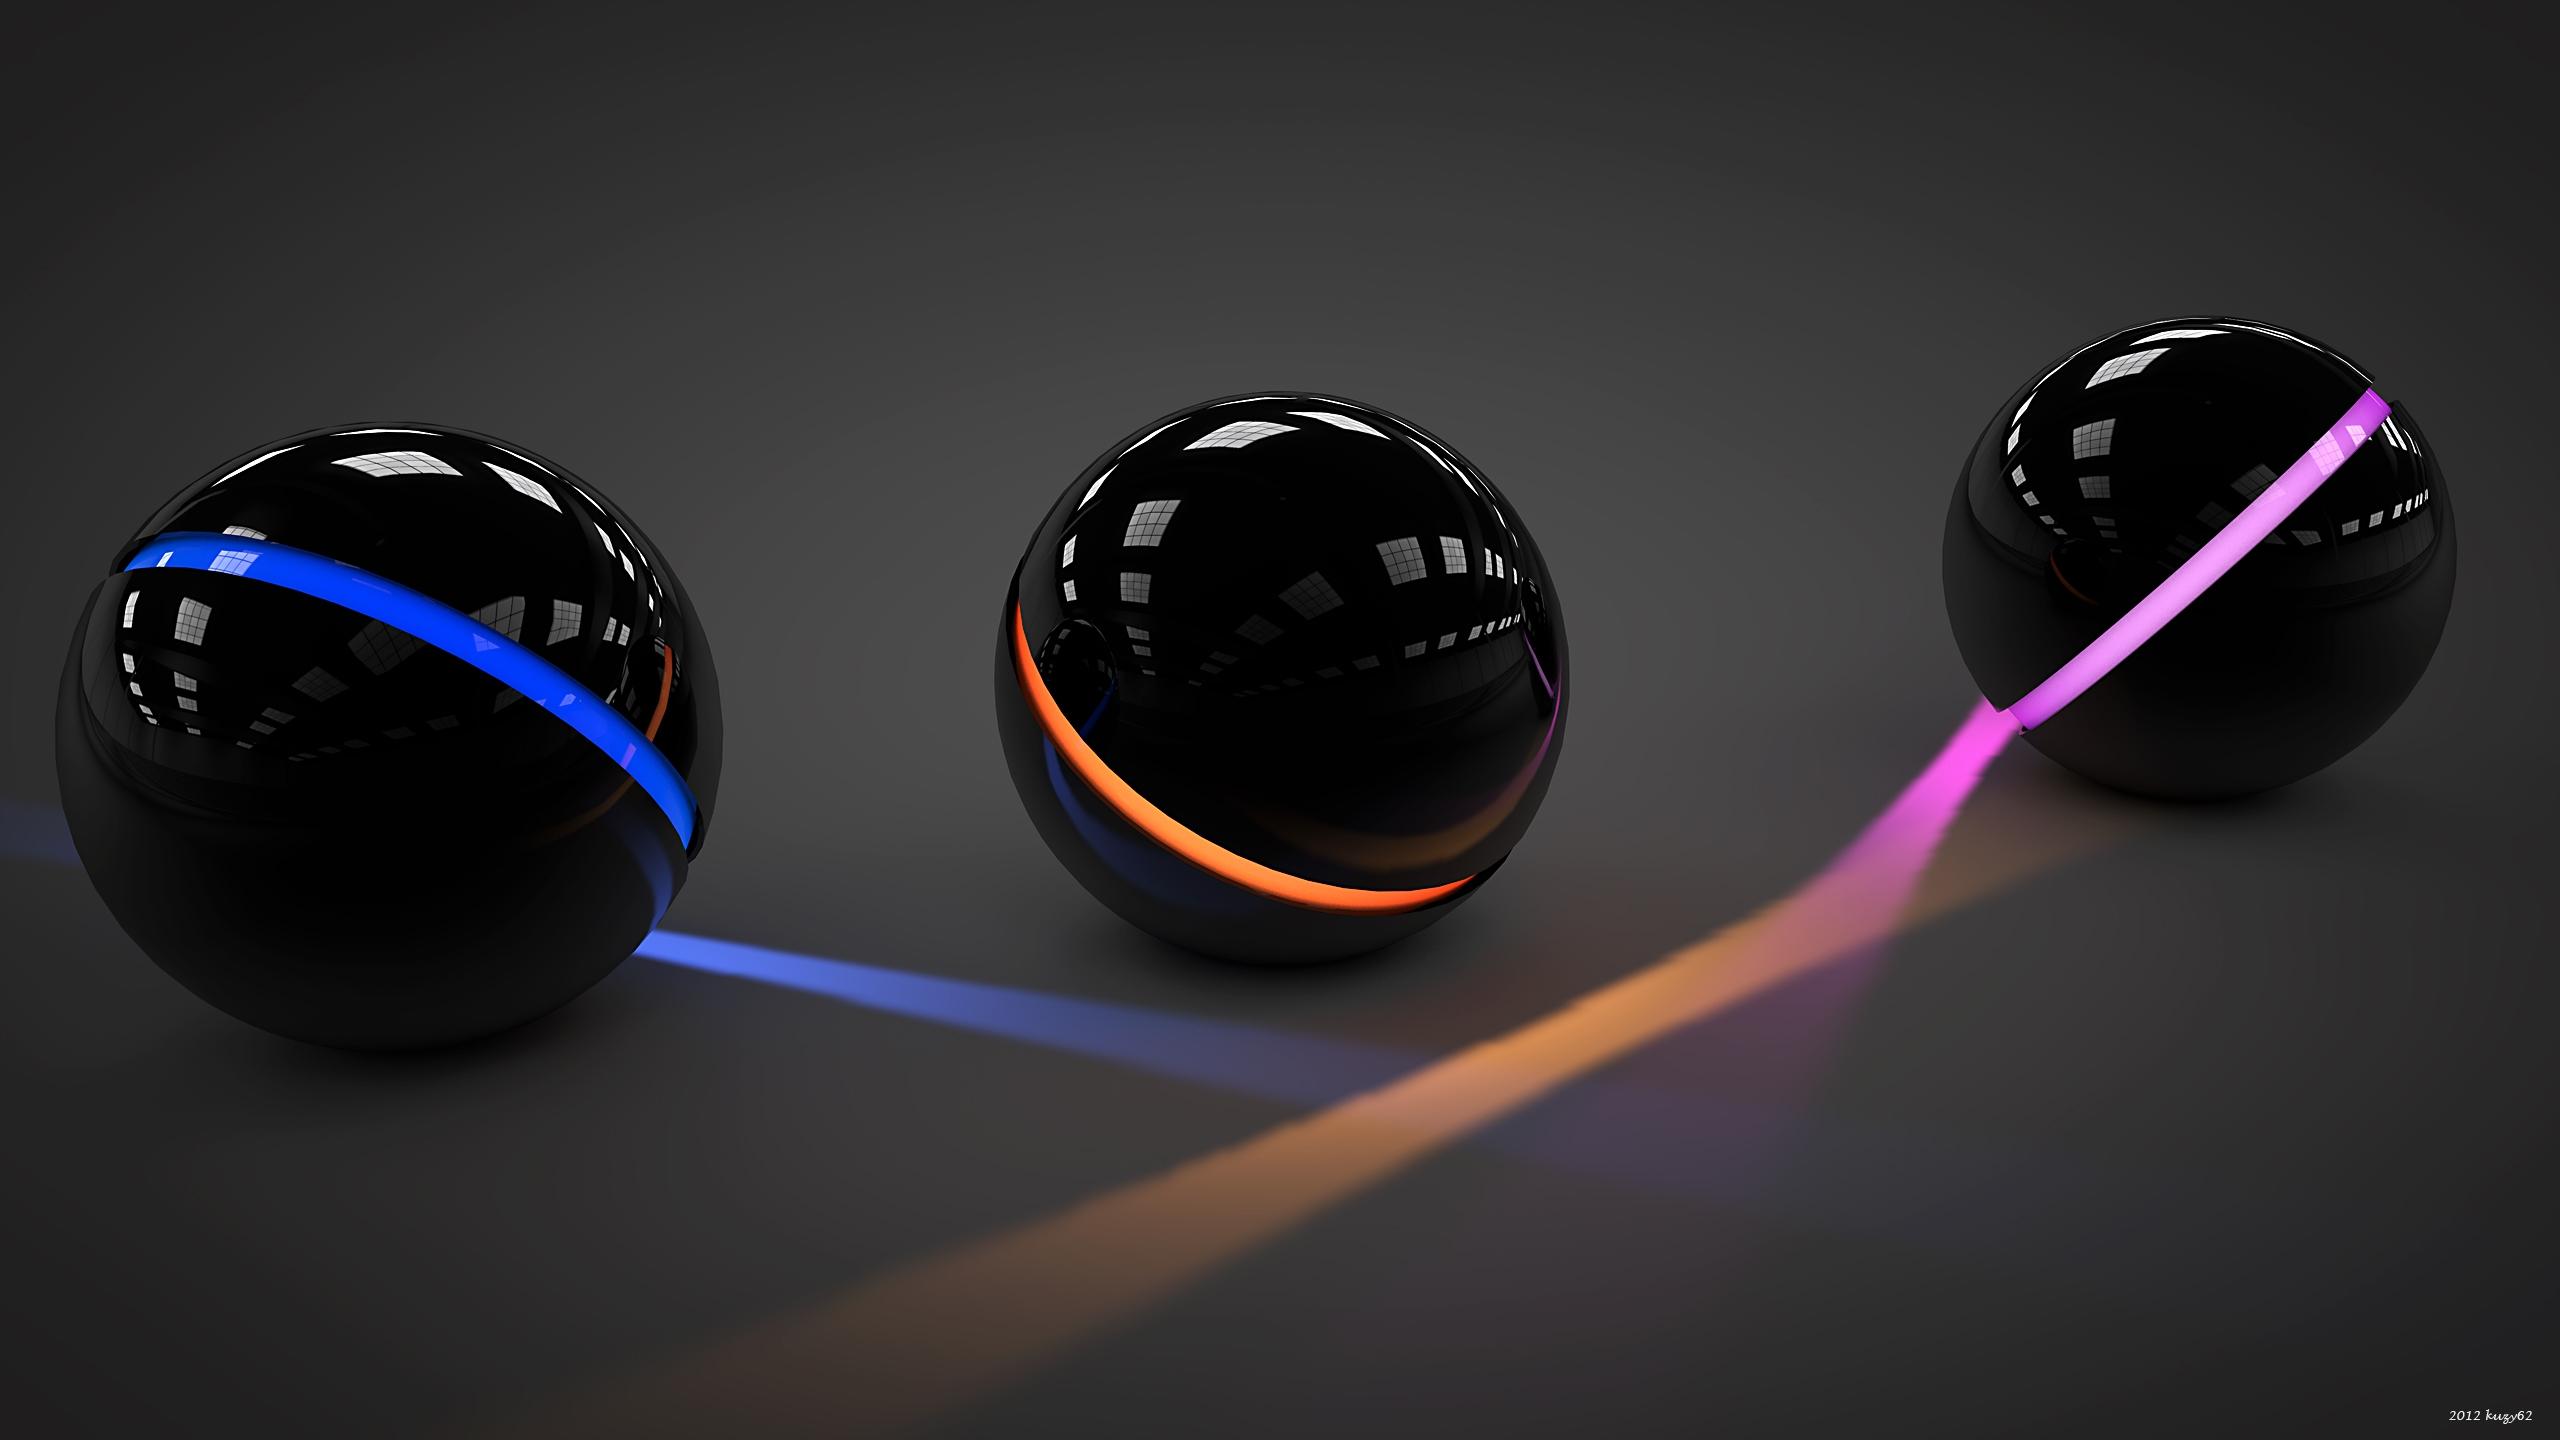 Wallpaper Balls, Light, Glass, Neon